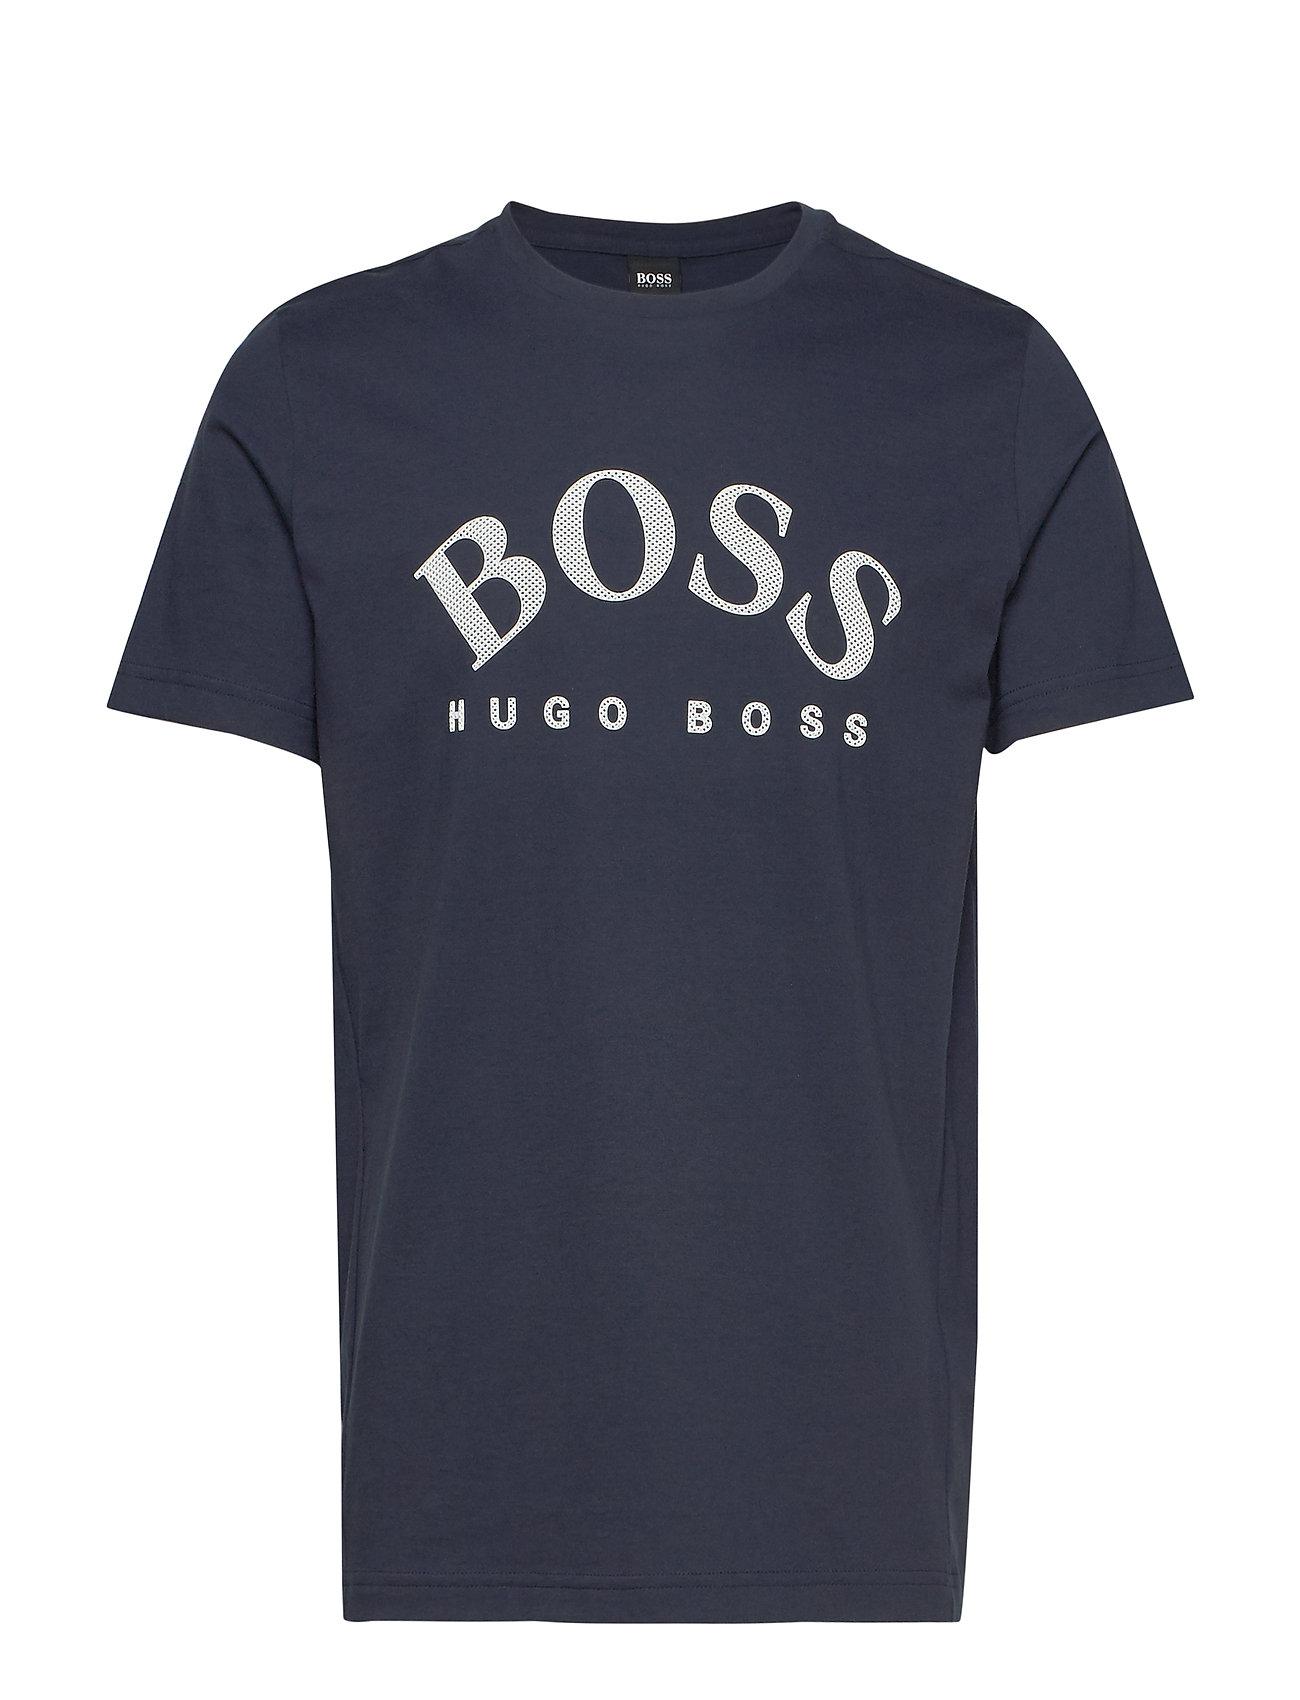 Image of Tee 5 T-shirt Blå BOSS (3409546831)